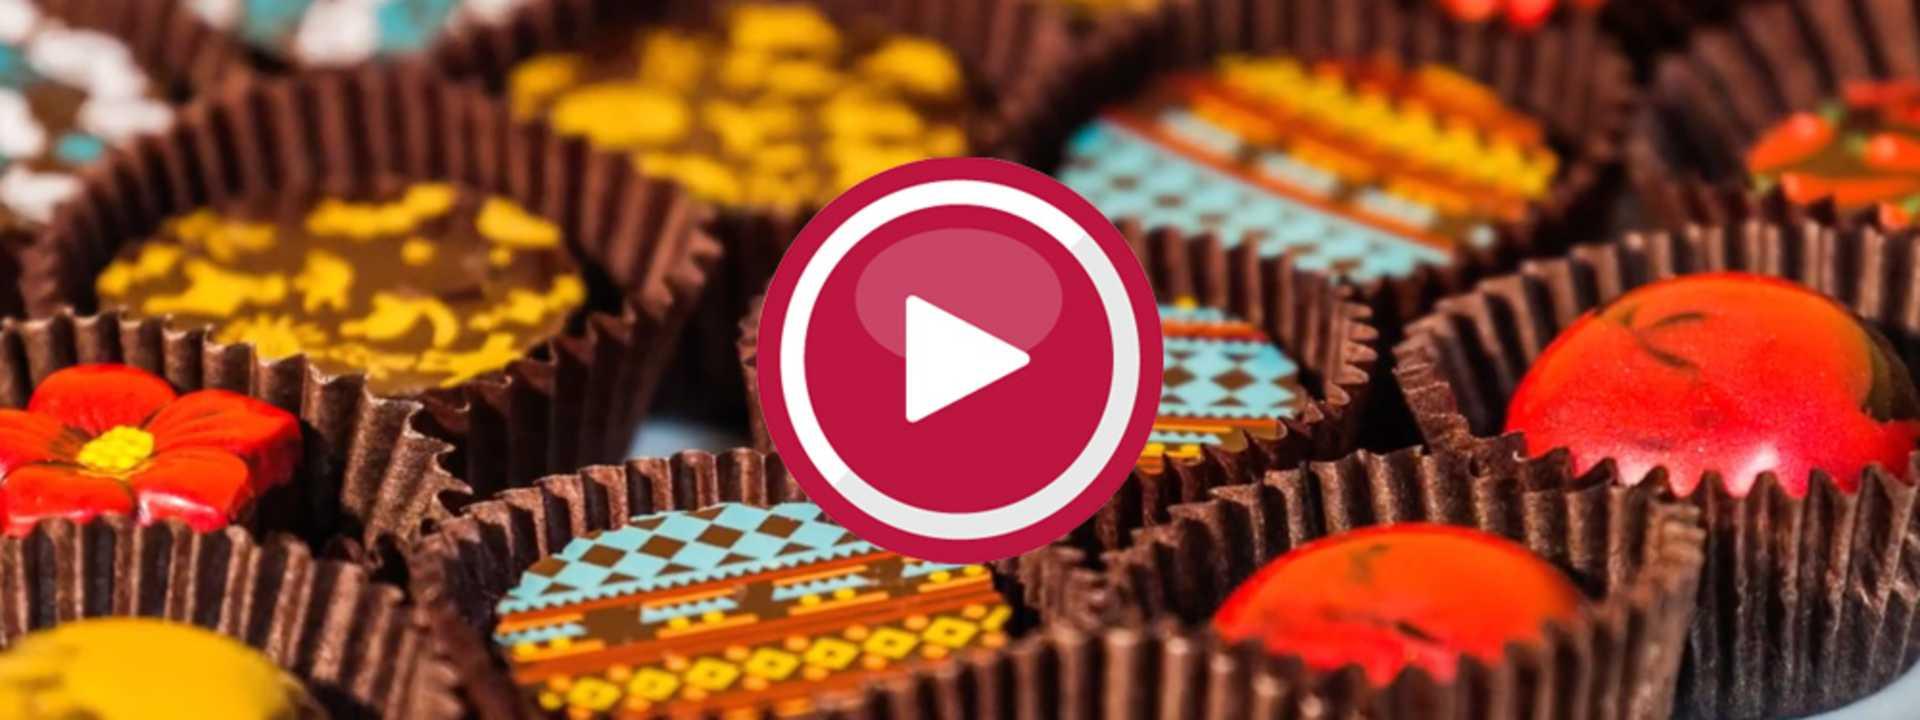 Cacao Santa Fe - A New Mexico True Experience